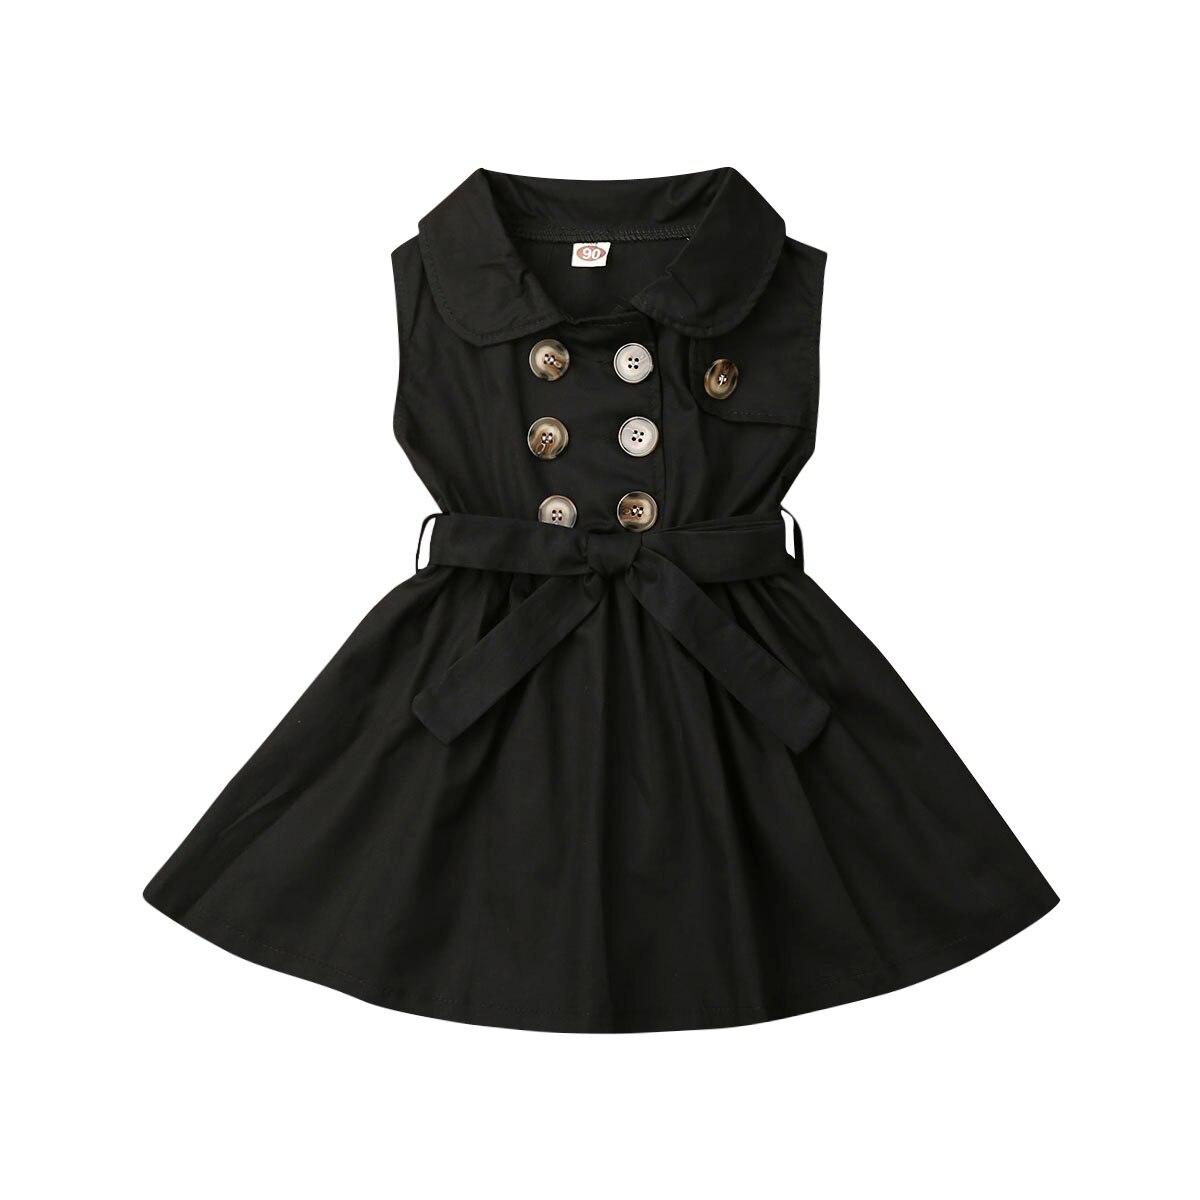 От 1 до 6 лет, модное платье для маленьких девочек новое праздничное платье принцессы без рукавов с пуговицами и бантом на свадьбу - Цвет: Blank